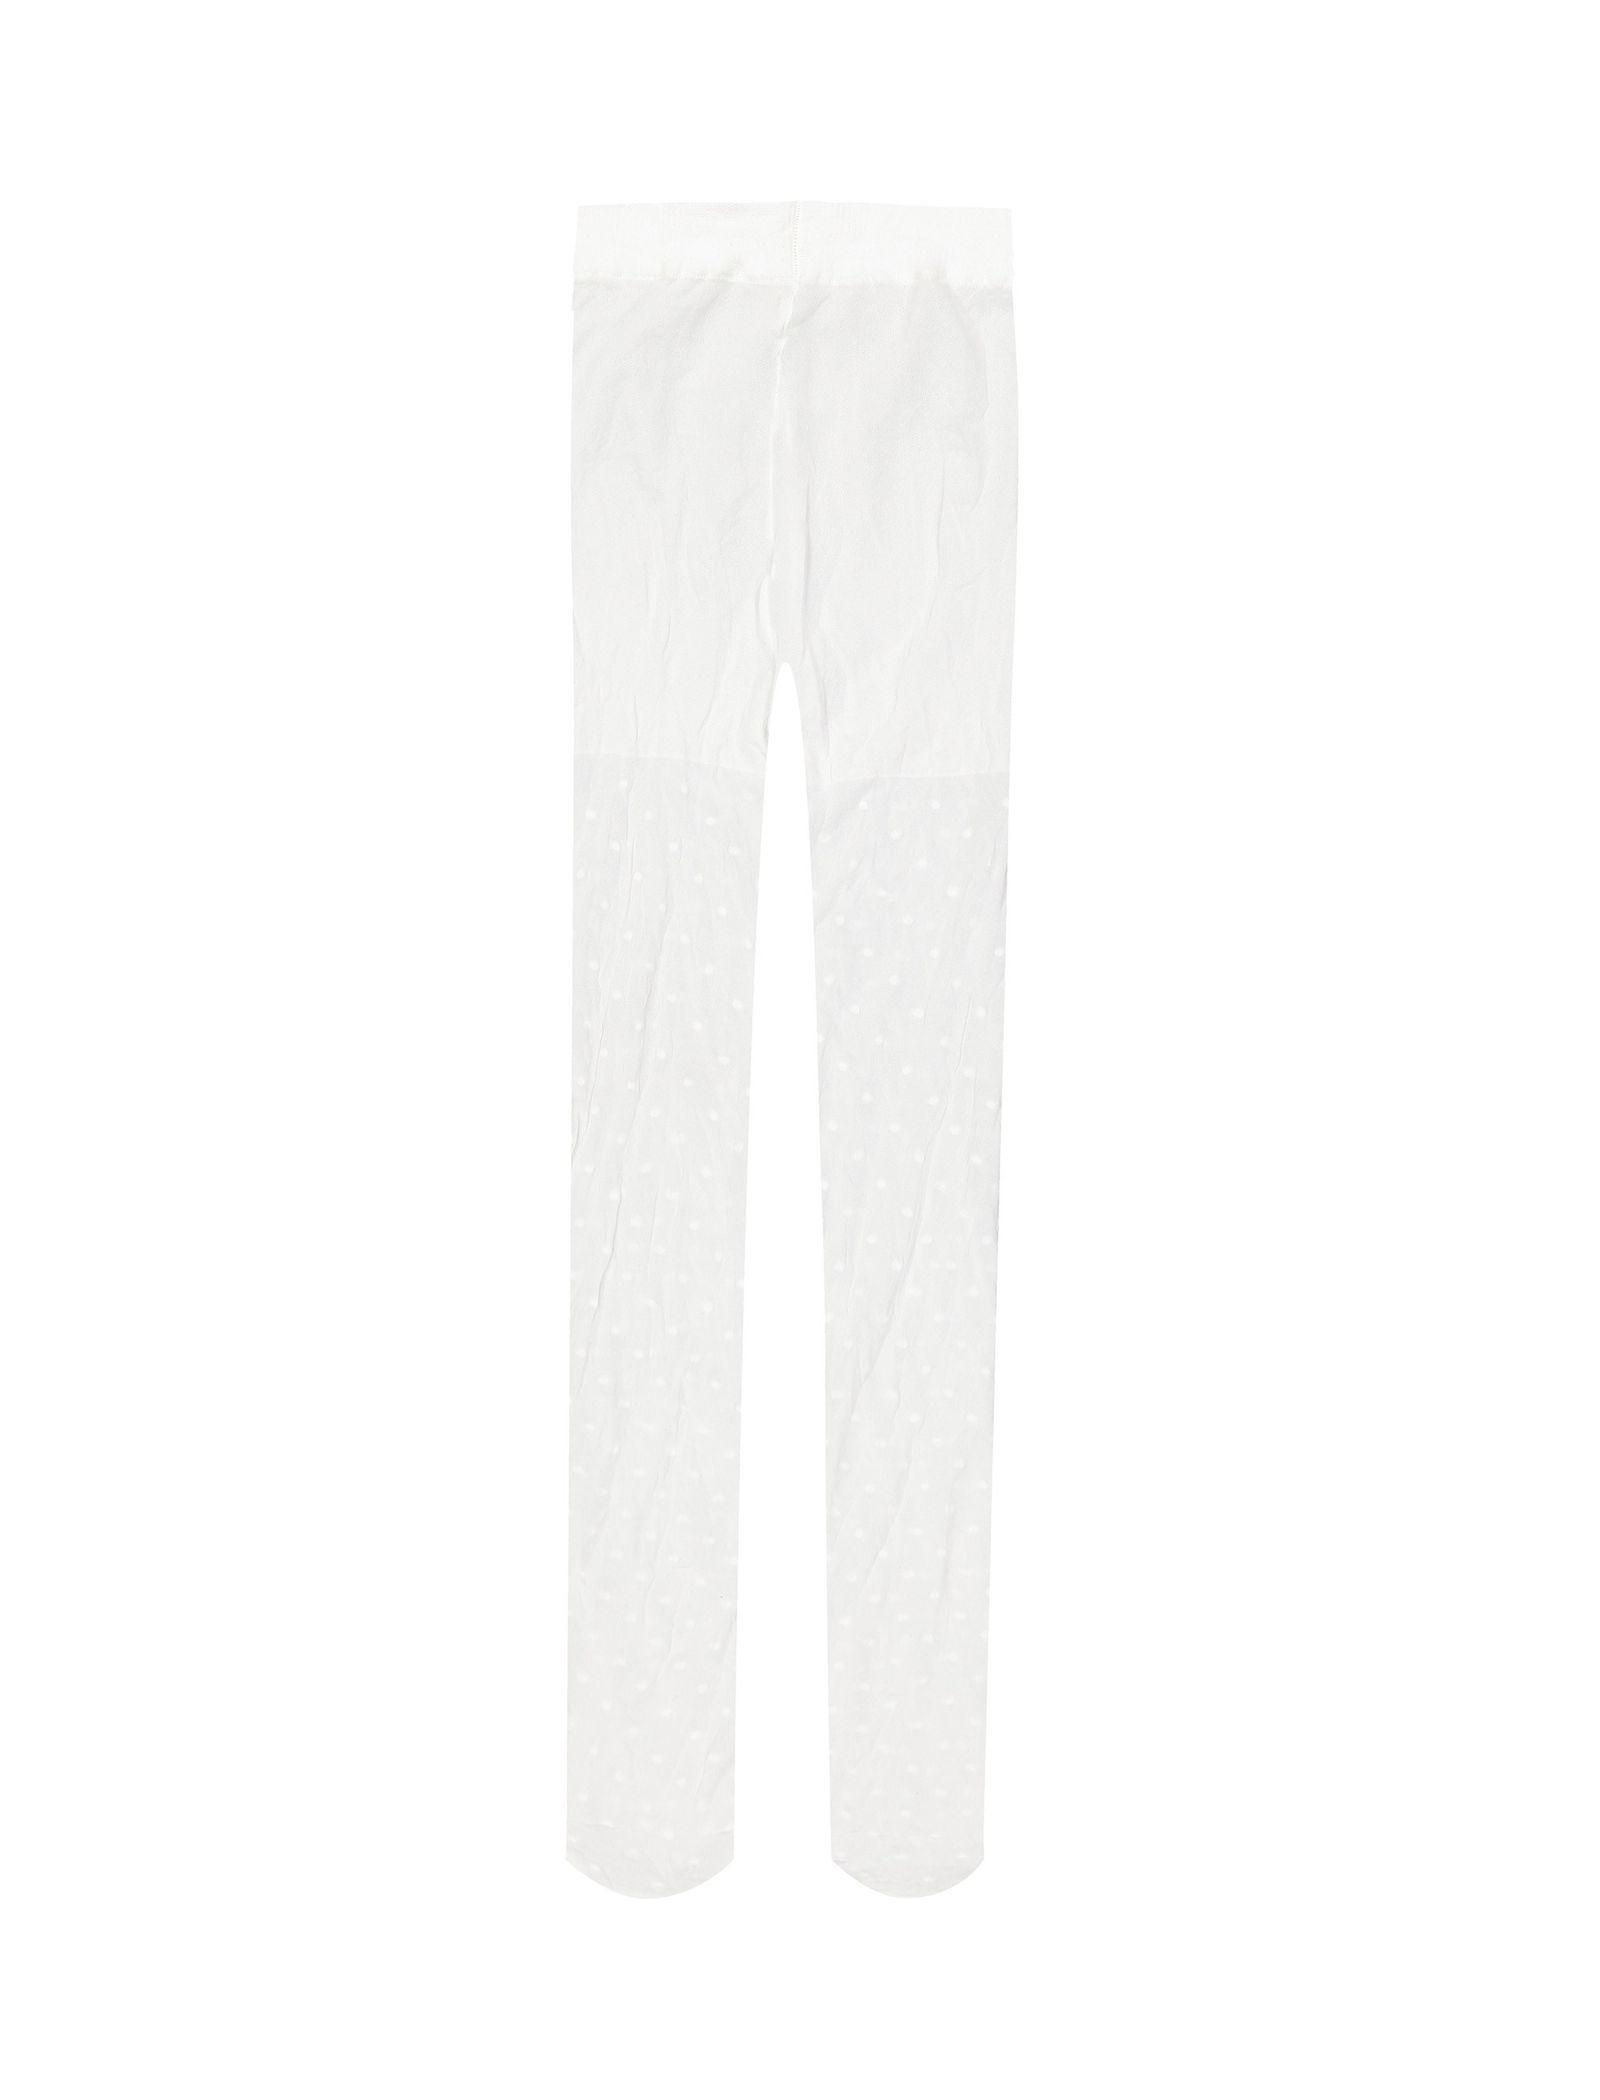 جوراب شلواری دخترانه بسته دو عددی - ارکسترا - سفيد - 2